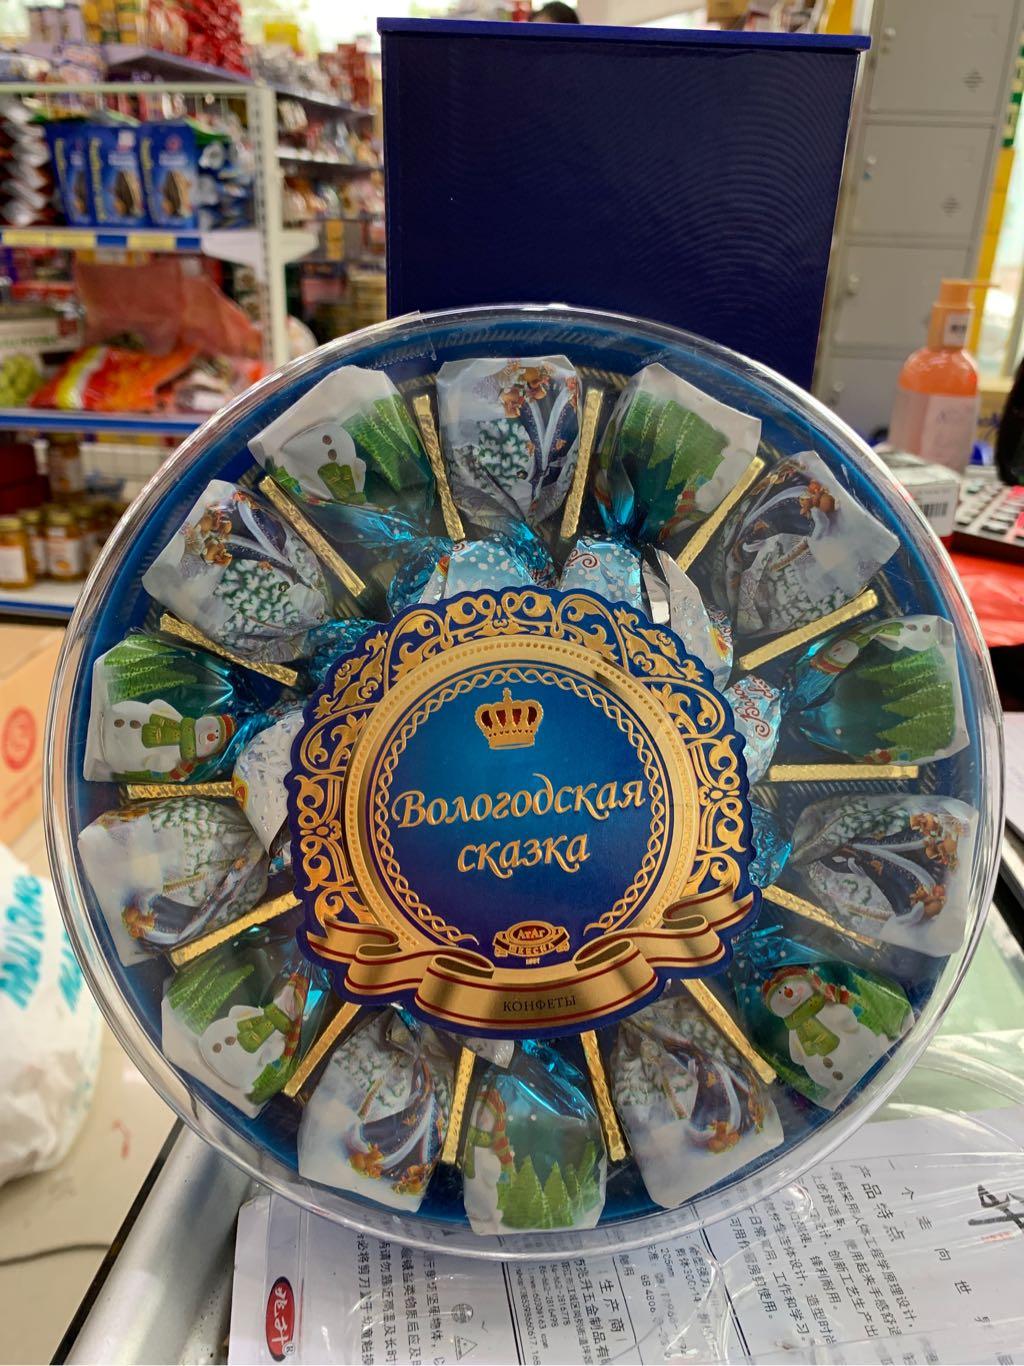 Kẹo socola Boodcka Cka3ka Nga 220g